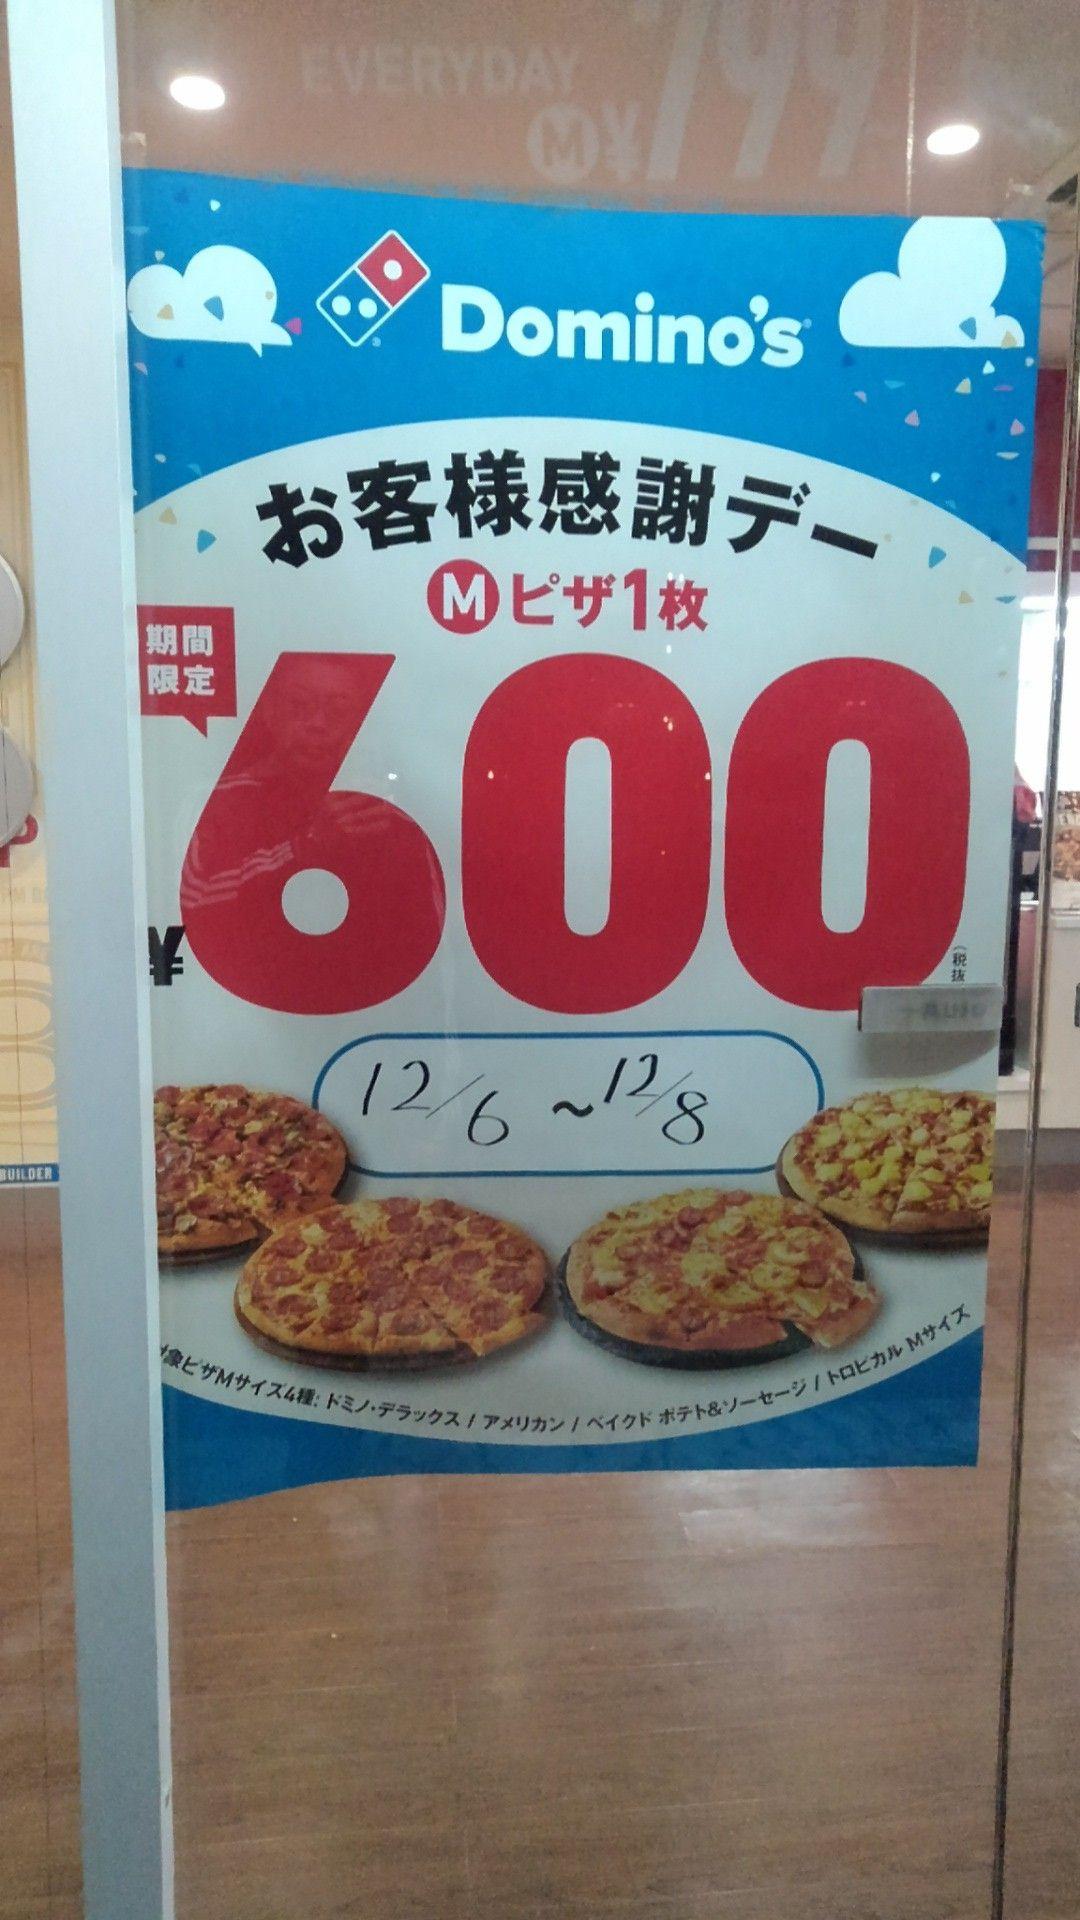 ドミノピザ 600 円